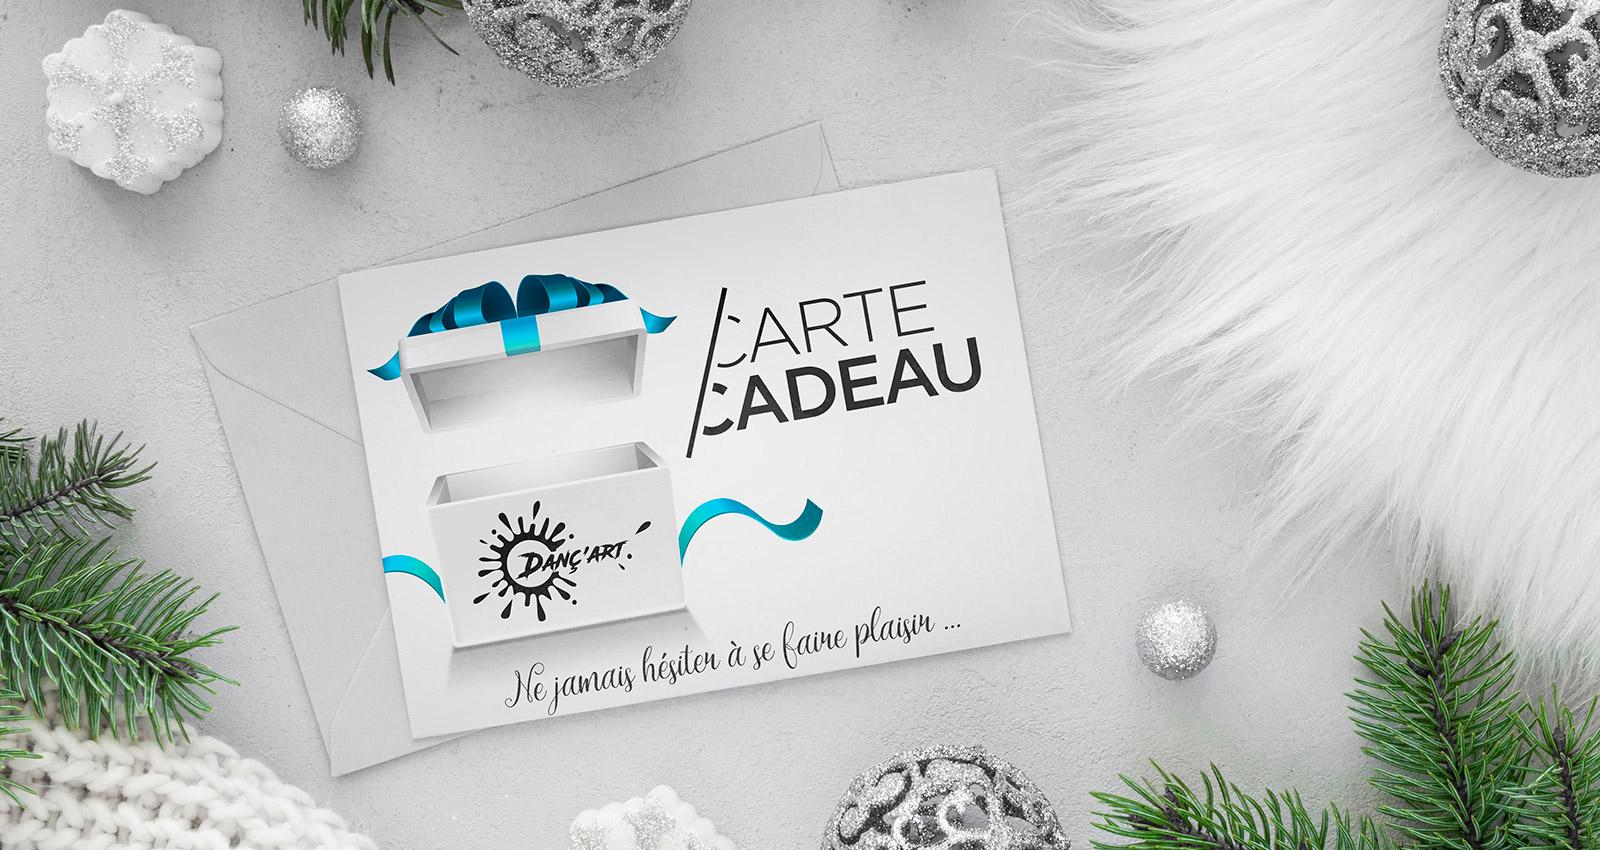 Pour Noël, faites plaisir à vos amis et à votre famille avec la Carte Cadeau DANÇ'ART !